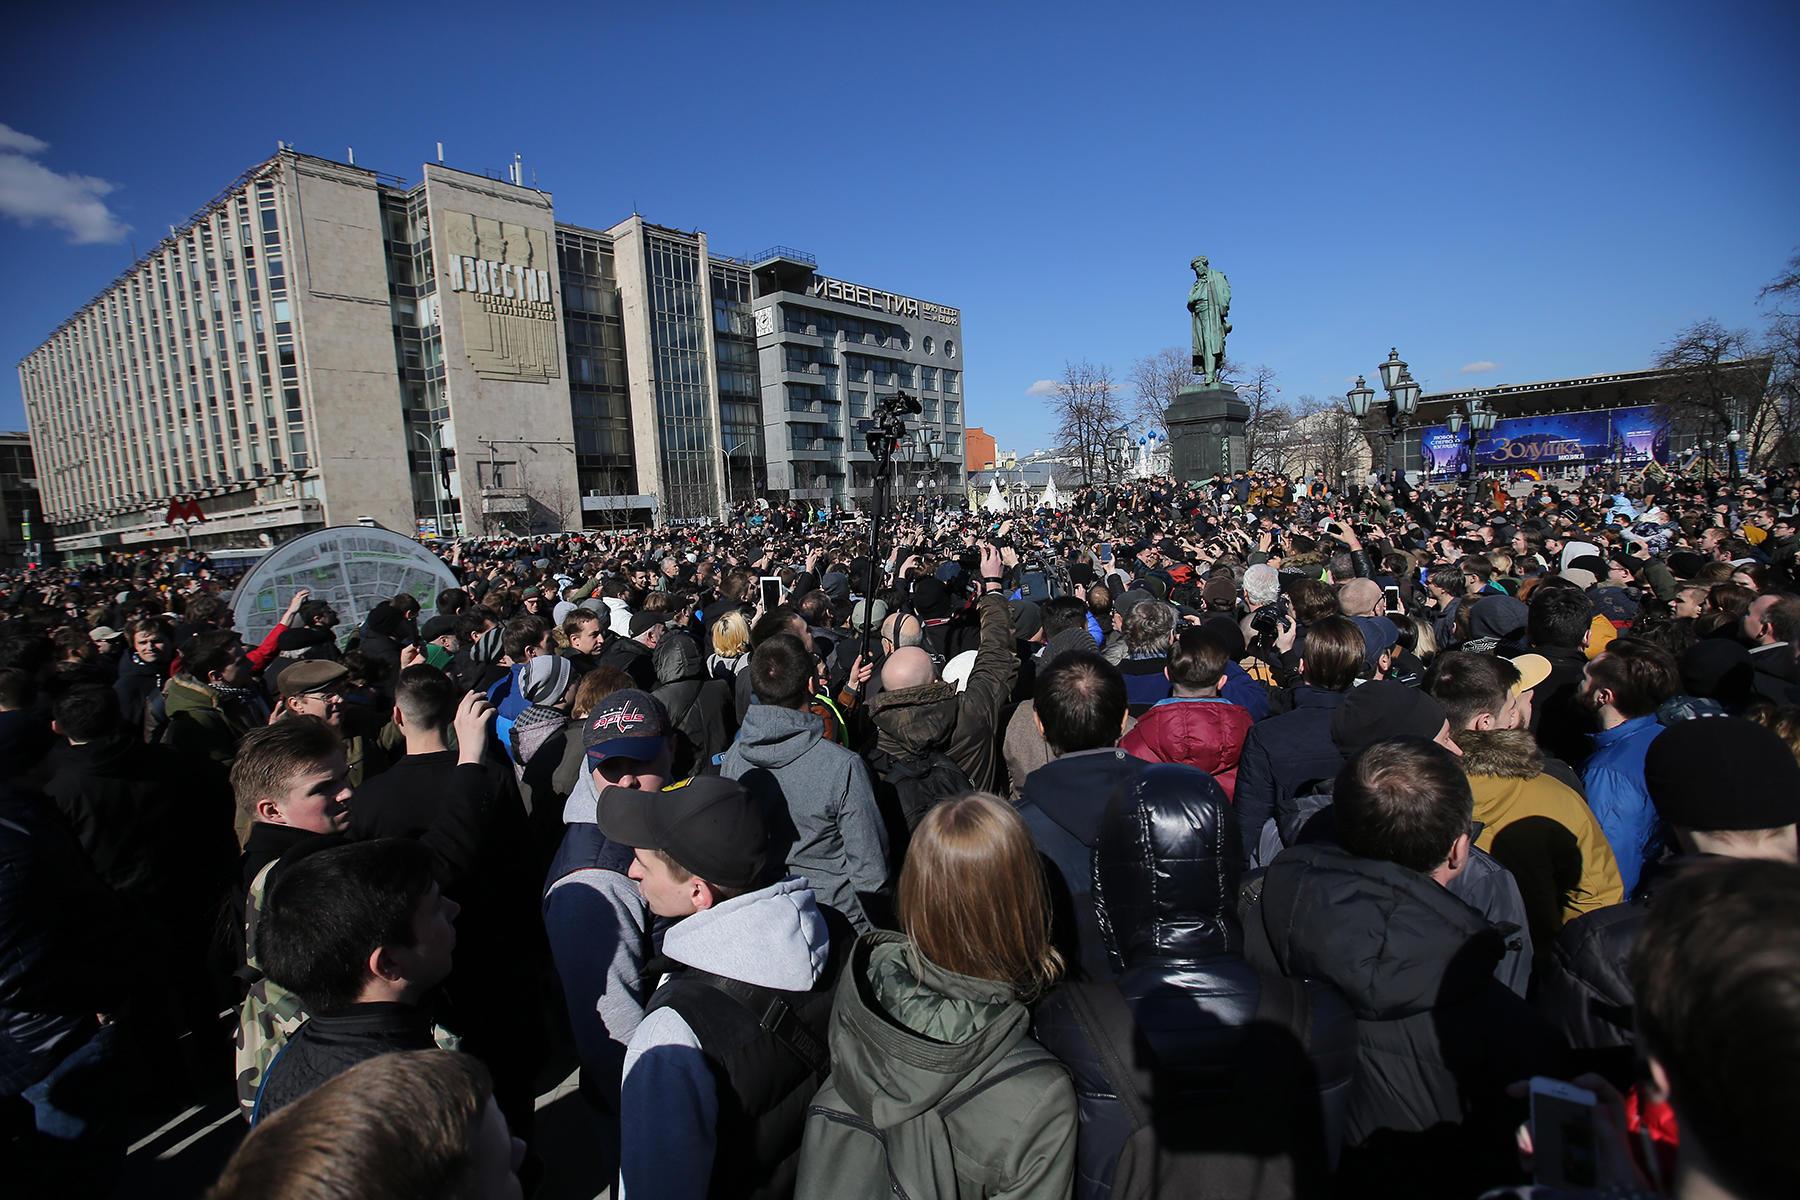 Нанесанкционированном митинге вМоскве пострадал полицейский, возбуждено уголовное дело